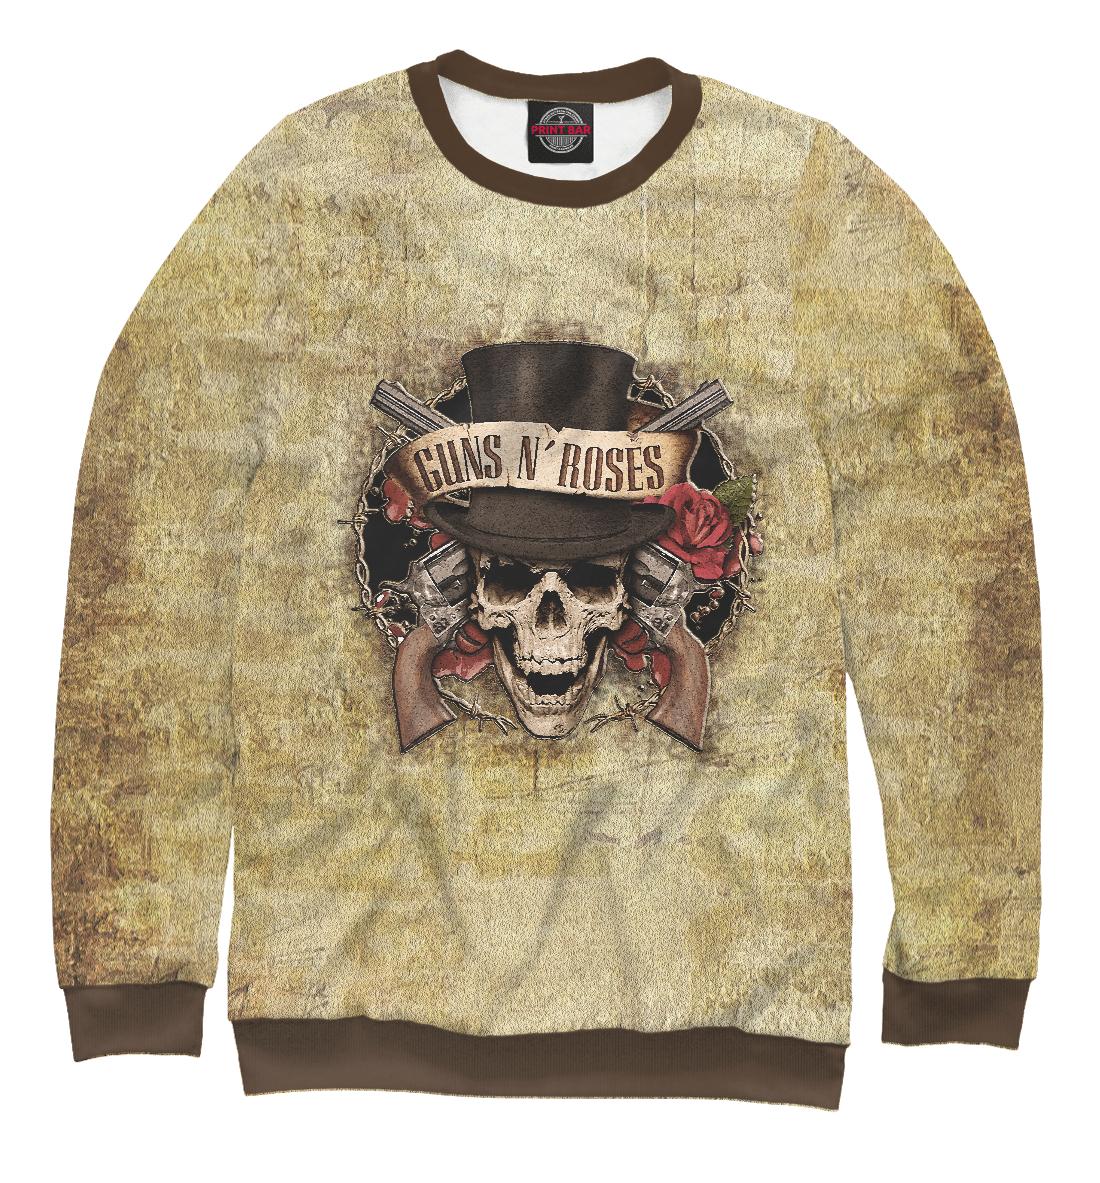 Купить Guns N' Roses, Printbar, Свитшоты, GNR-497085-swi-2